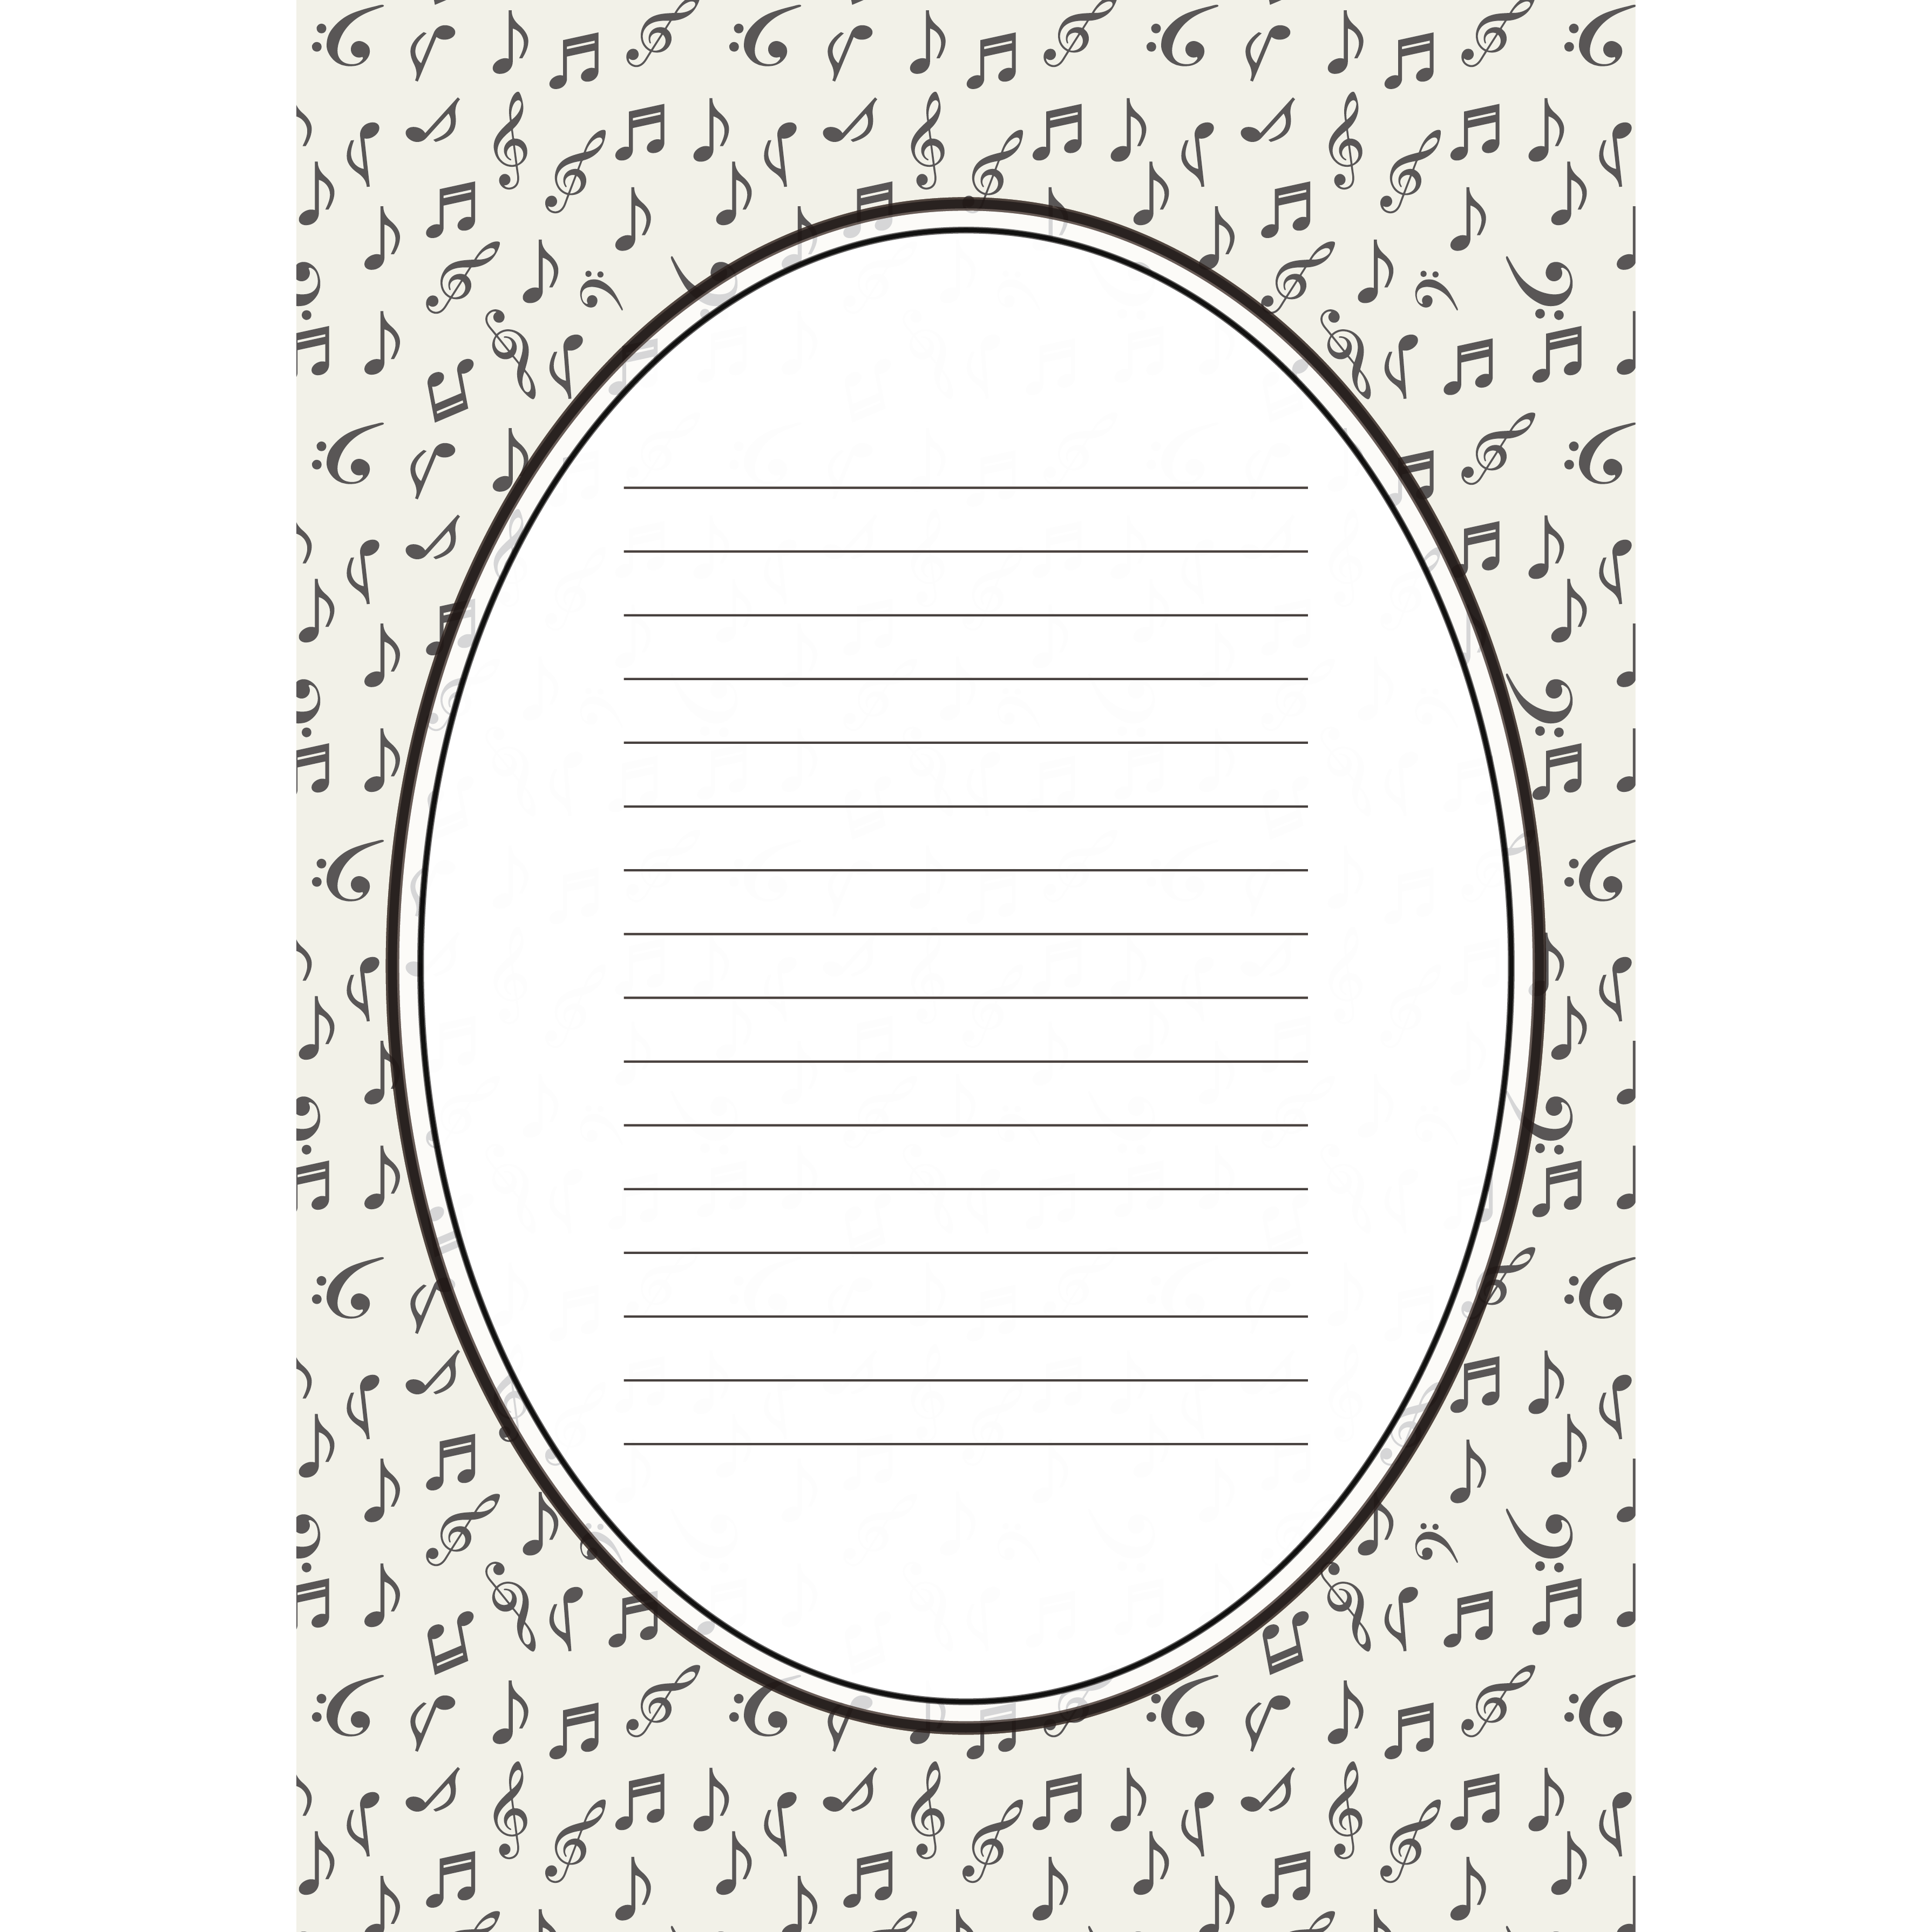 便箋 テンプレート 音符柄のモノトーン イラスト 商用フリー無料の